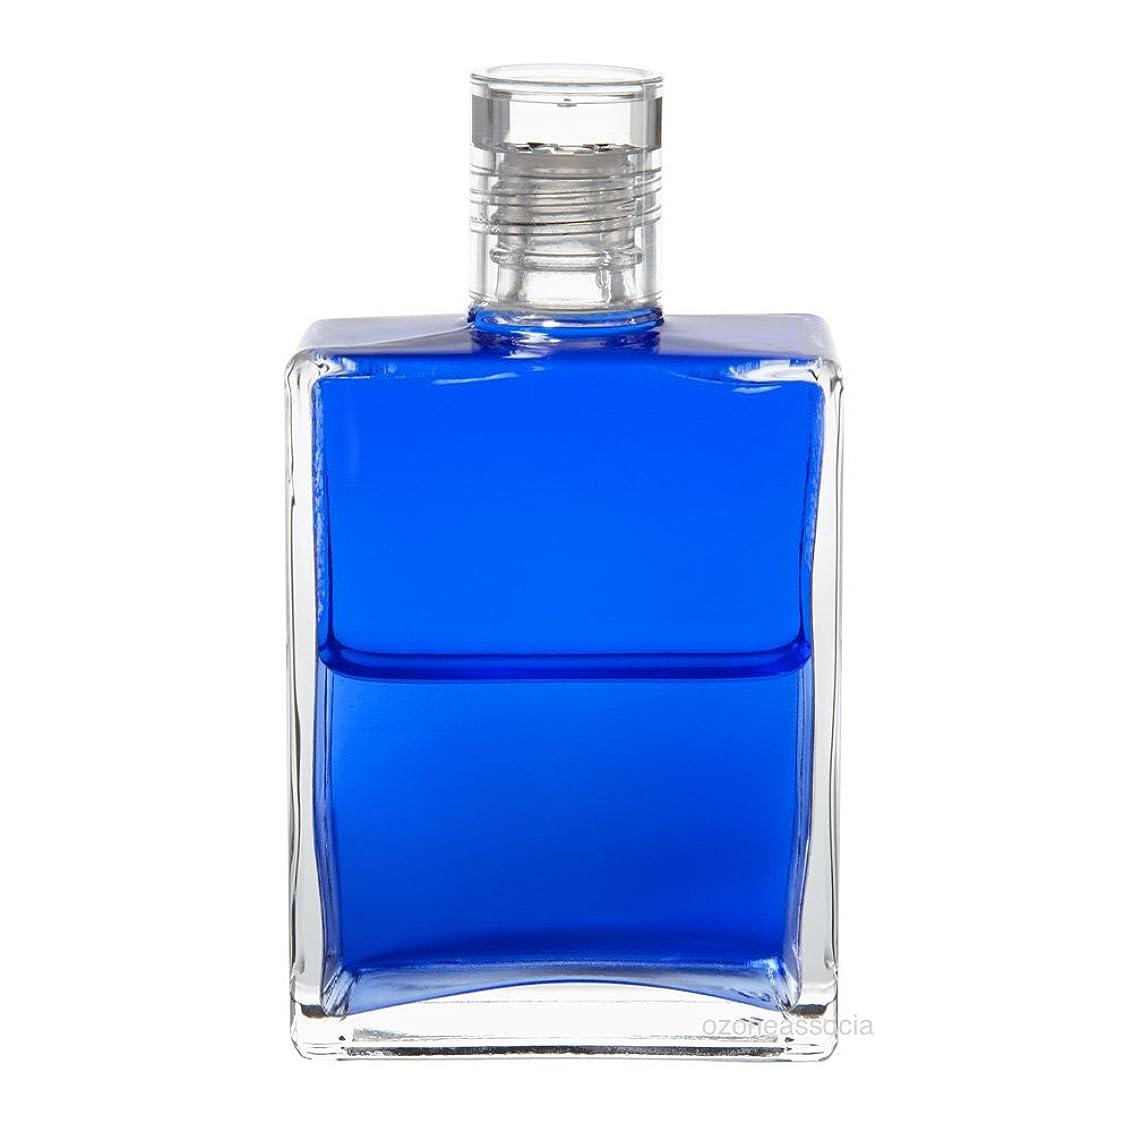 修復地域一致オーラソーマ ボトル 2番 ピースイクイリブリアムボトル (ブルー/ブルー) イクイリブリアムボトル50ml